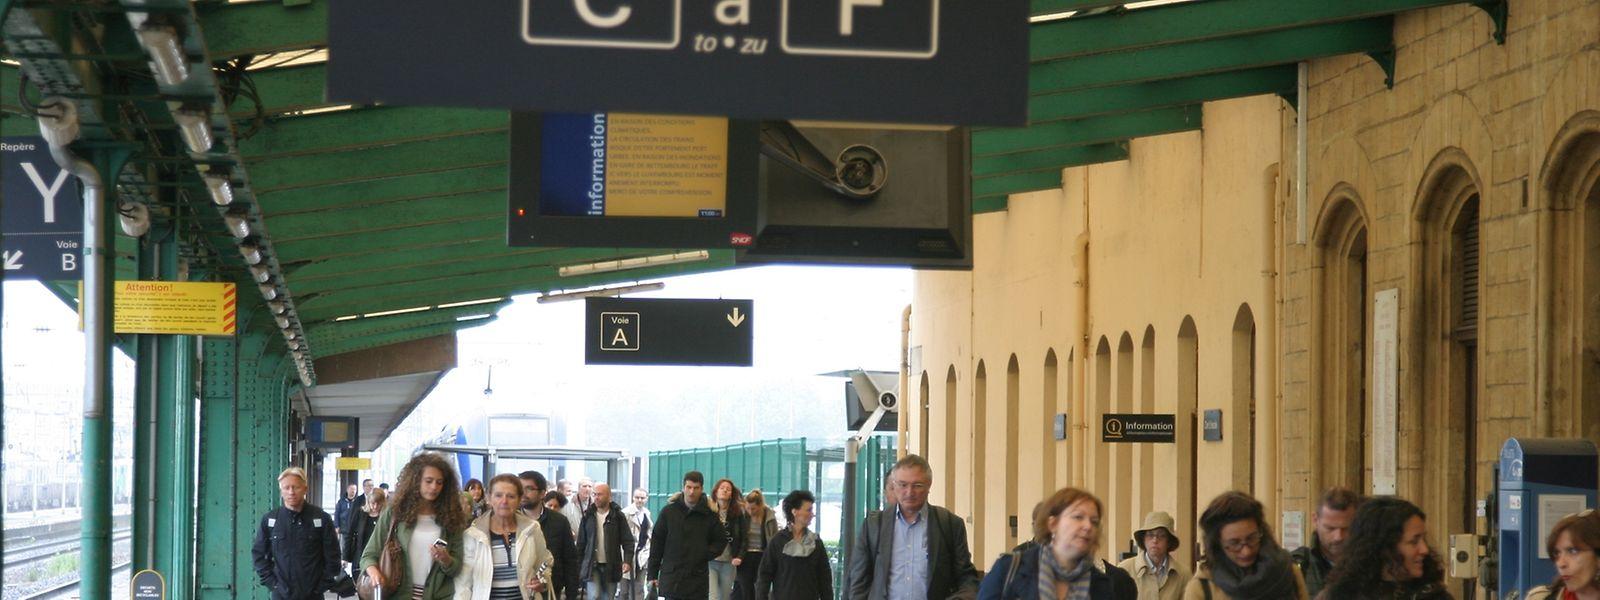 La semaine restera compliquée pour les frontaliers qui circulent entre Thionville et Luxembourg. La circulation ne redeviendra pas normale avant plusieurs jours.